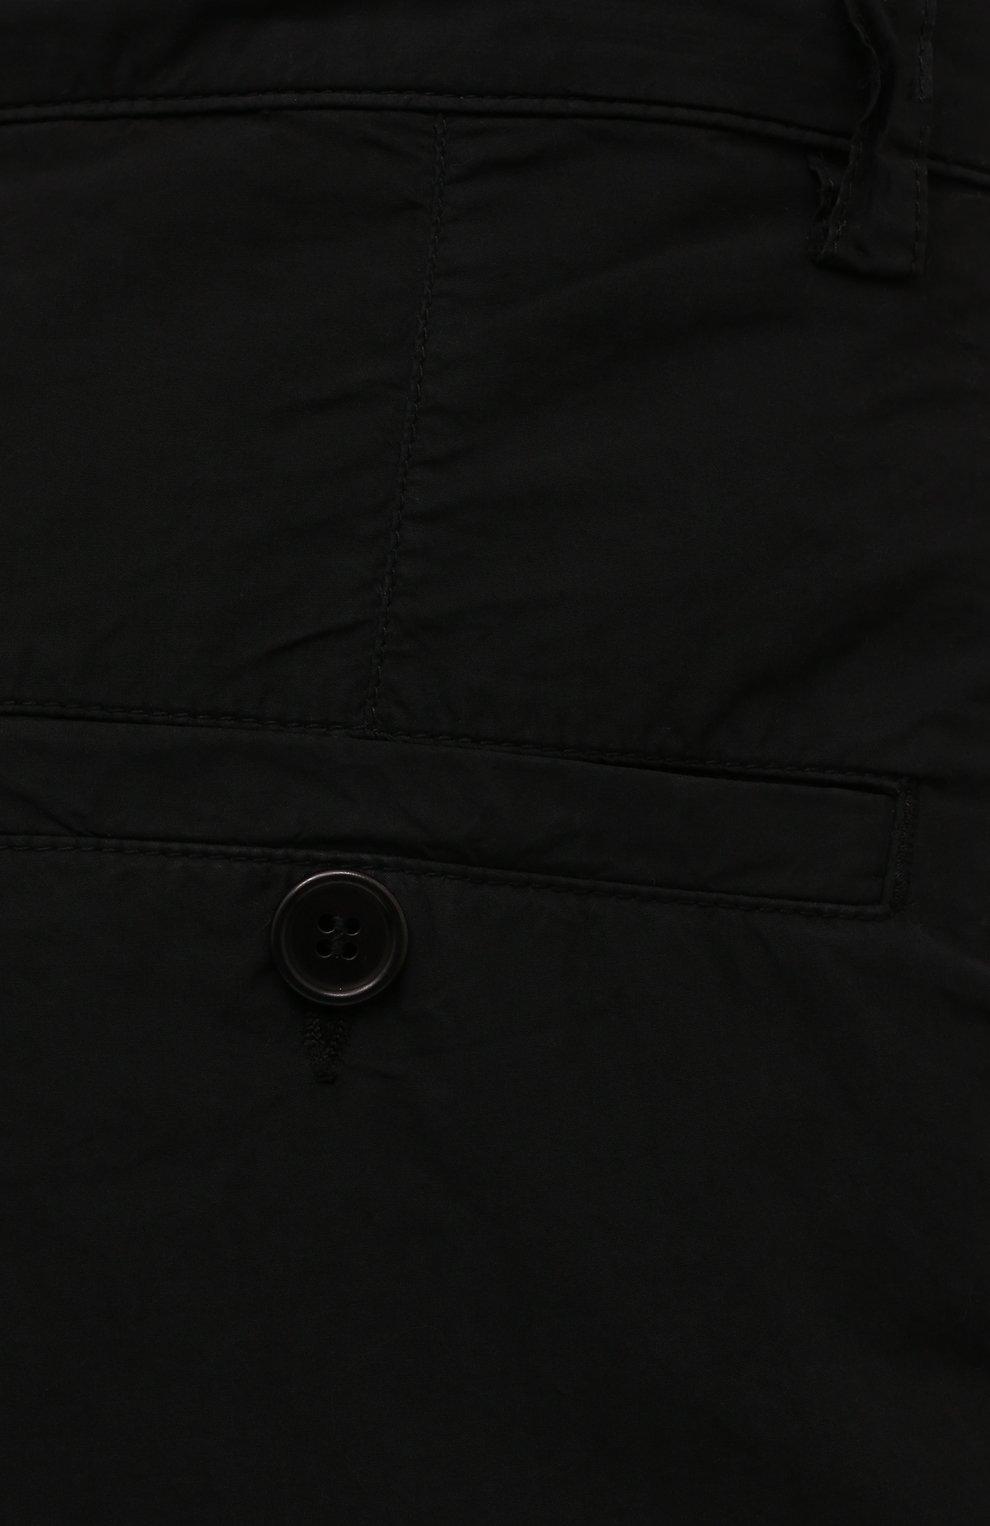 Мужские хлопковые шорты ASPESI черного цвета, арт. S1 A CQ31 G329 | Фото 5 (Мужское Кросс-КТ: Шорты-одежда; Длина Шорты М: До колена; Принт: Без принта; Материал внешний: Хлопок; Стили: Минимализм)